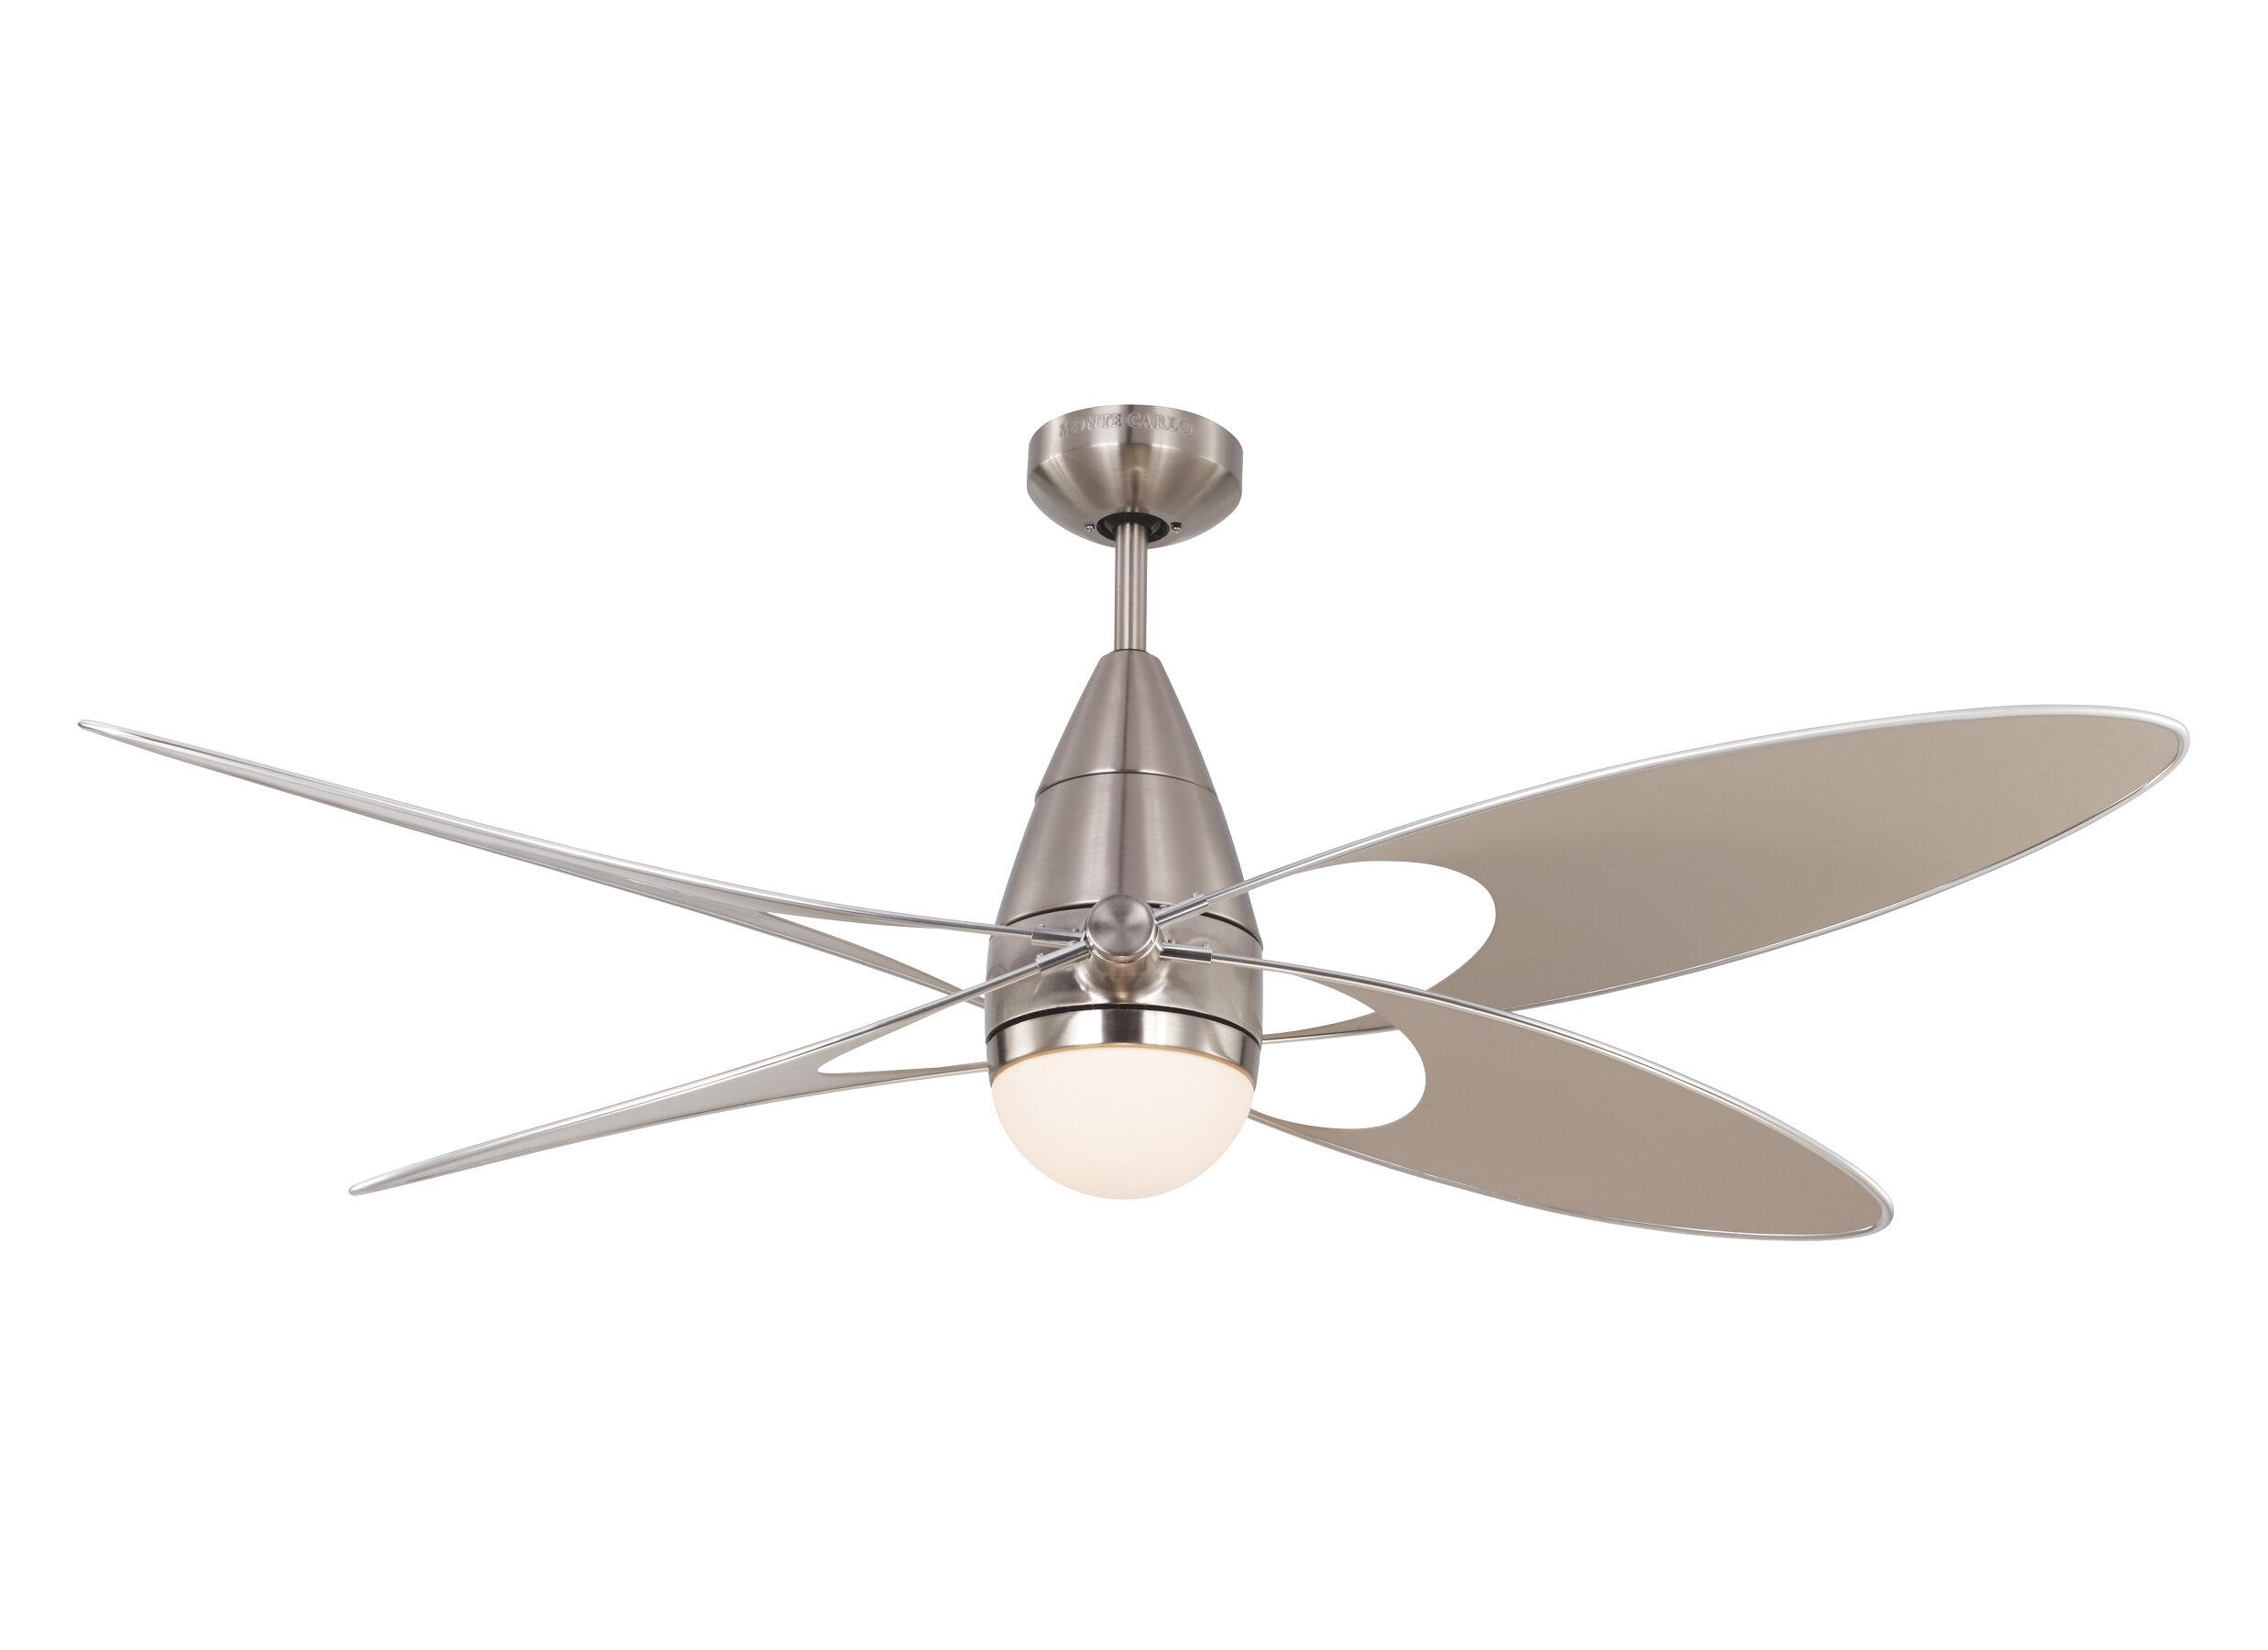 Orren Ellis 54 Clorinda Erfly 4 Blade Outdoor Ceiling Fan With Remote Wayfair